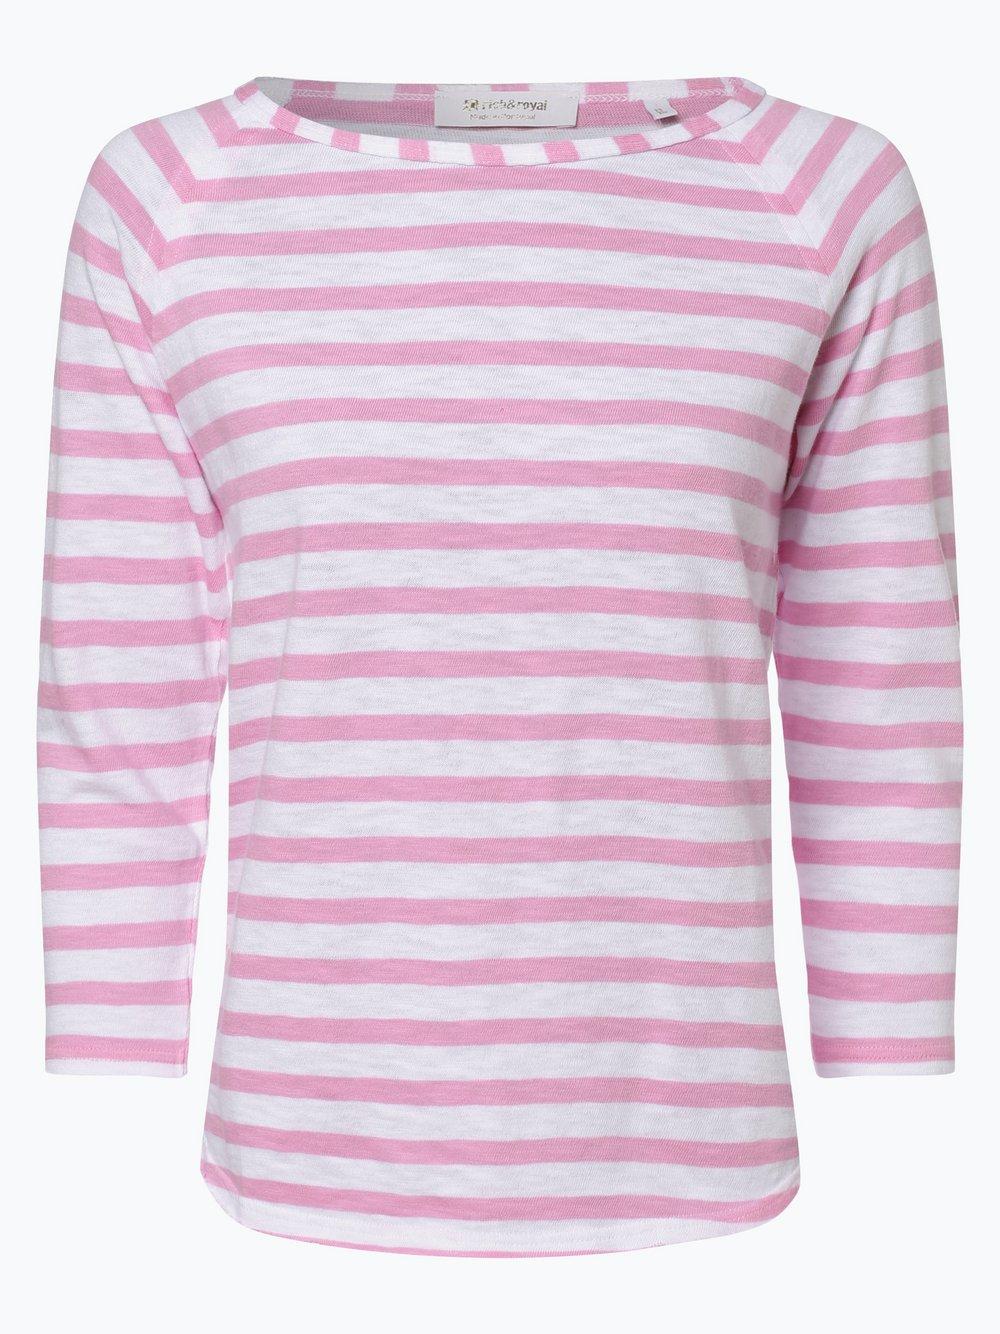 Rich & Royal Damen Langarmshirt online kaufen   PEEK UND